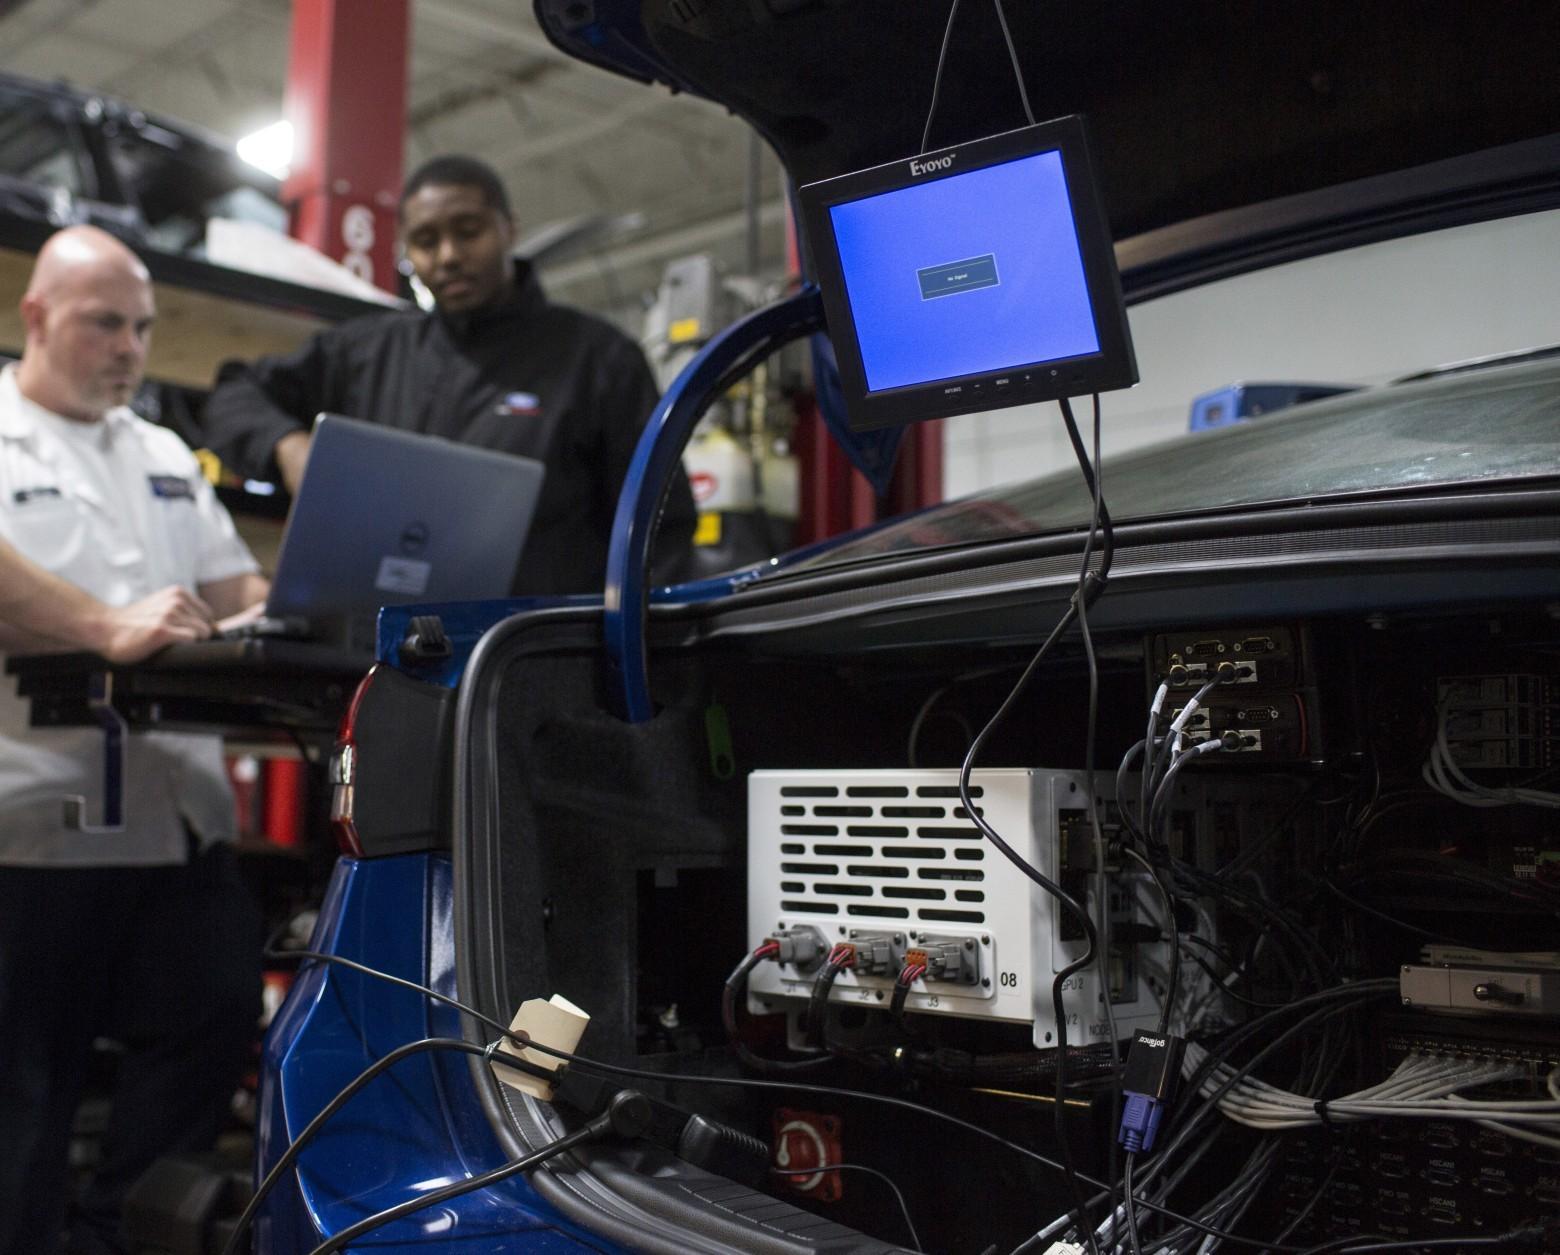 Новые беспилотники Ford копируют человеческое вождение - 5